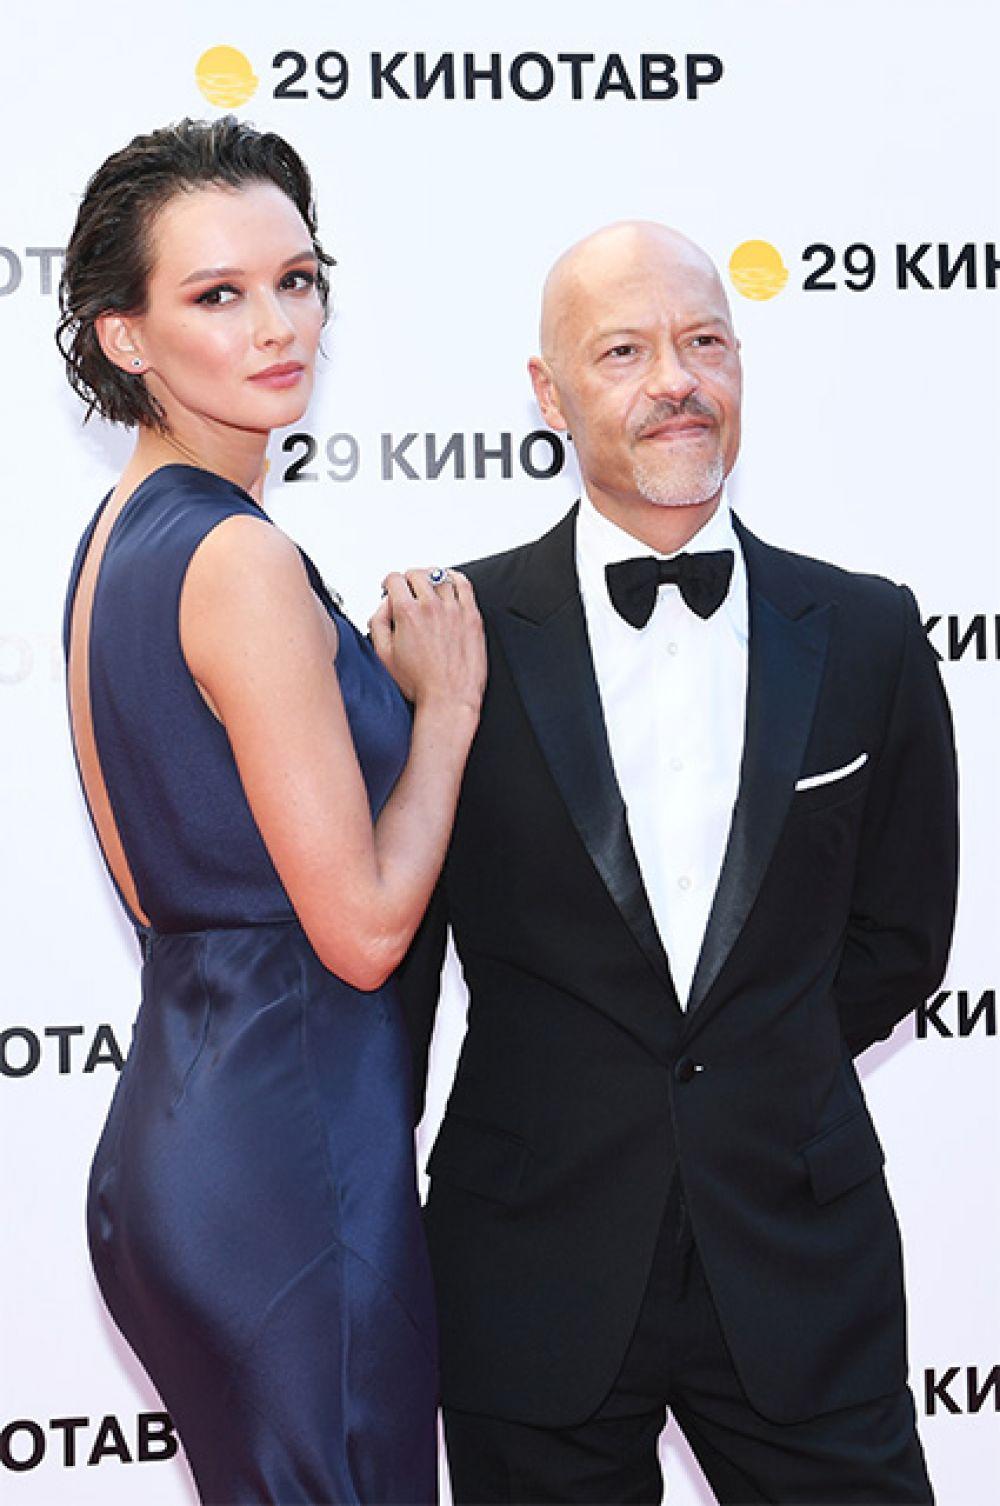 Актриса Паулина Андреева и режиссёр Фёдор Бондарчук.